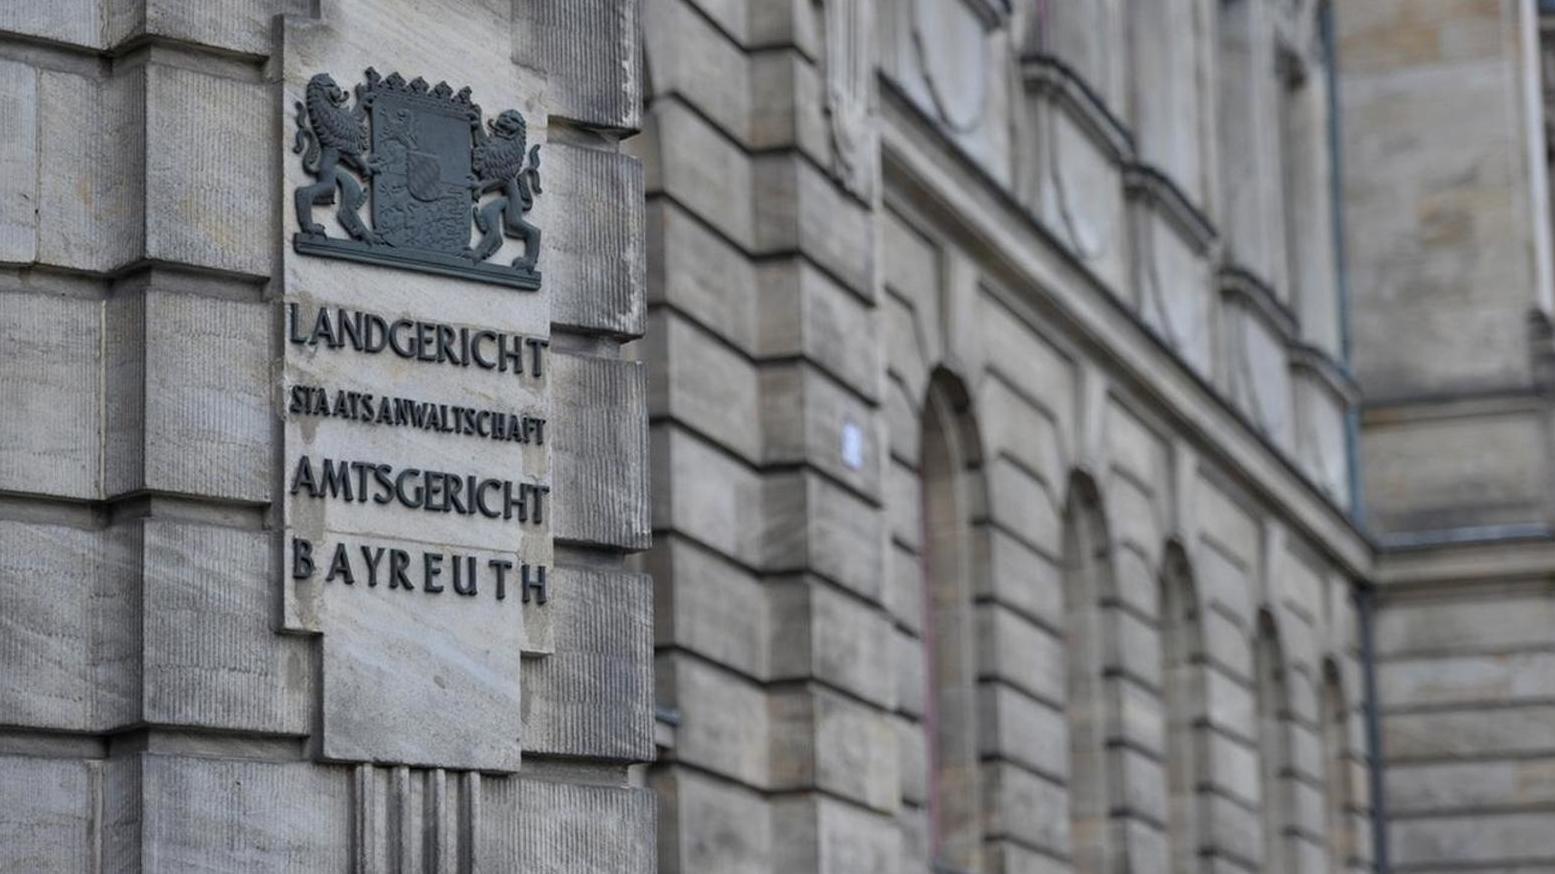 Hausfassade mit der Aufschrift: Landgericht, Staatsanwaltschaft, Amtsgericht Bayreuth.